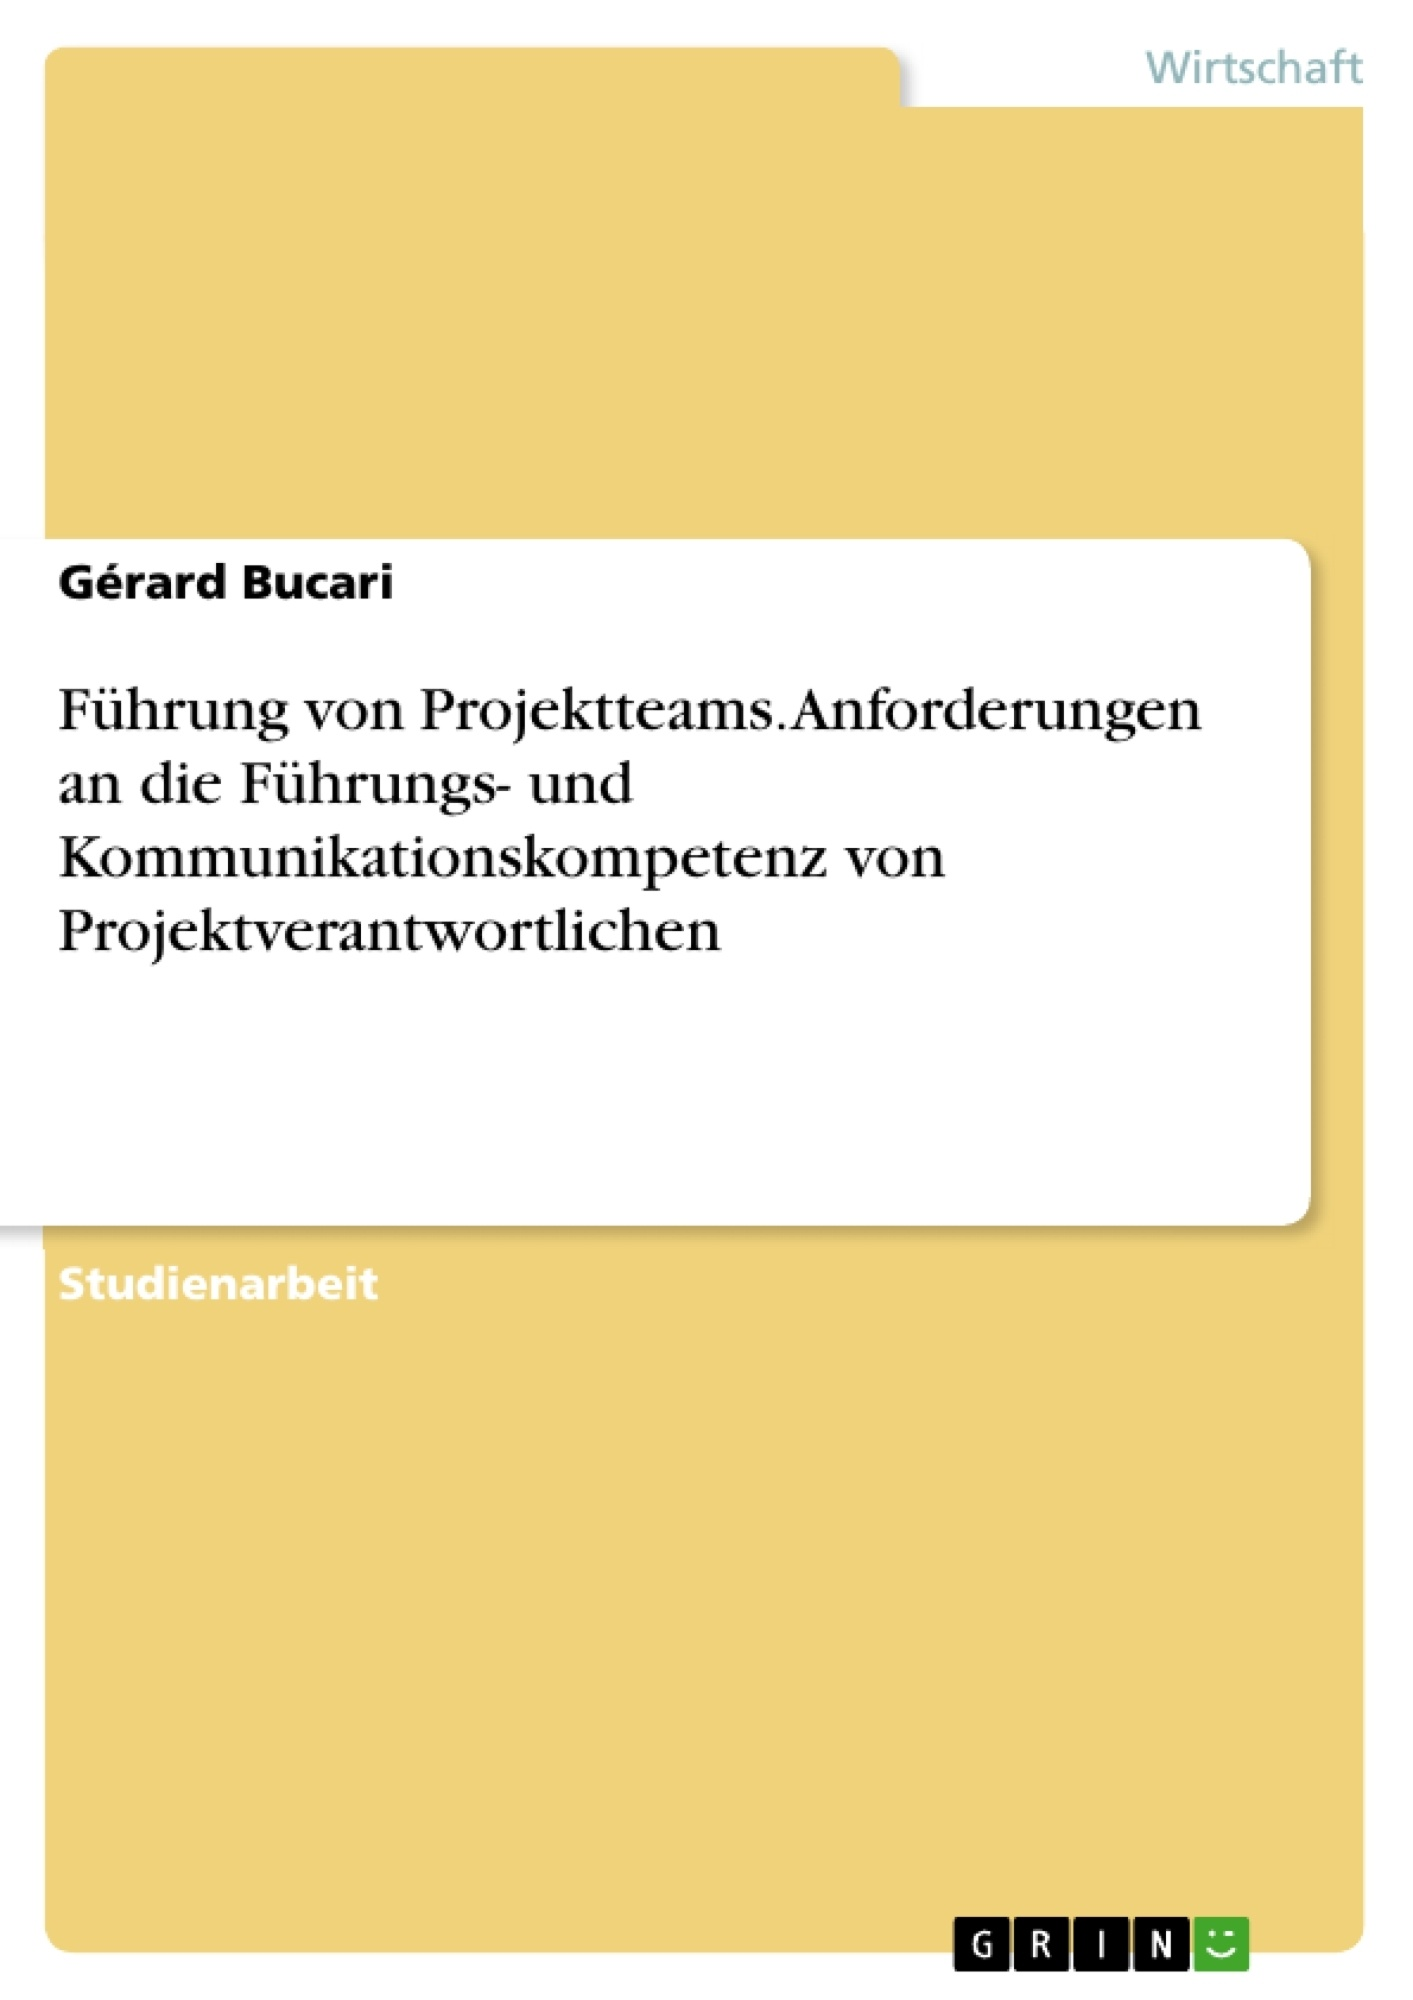 Titel: Führung von Projektteams. Anforderungen an die Führungs- und Kommunikationskompetenz von Projektverantwortlichen